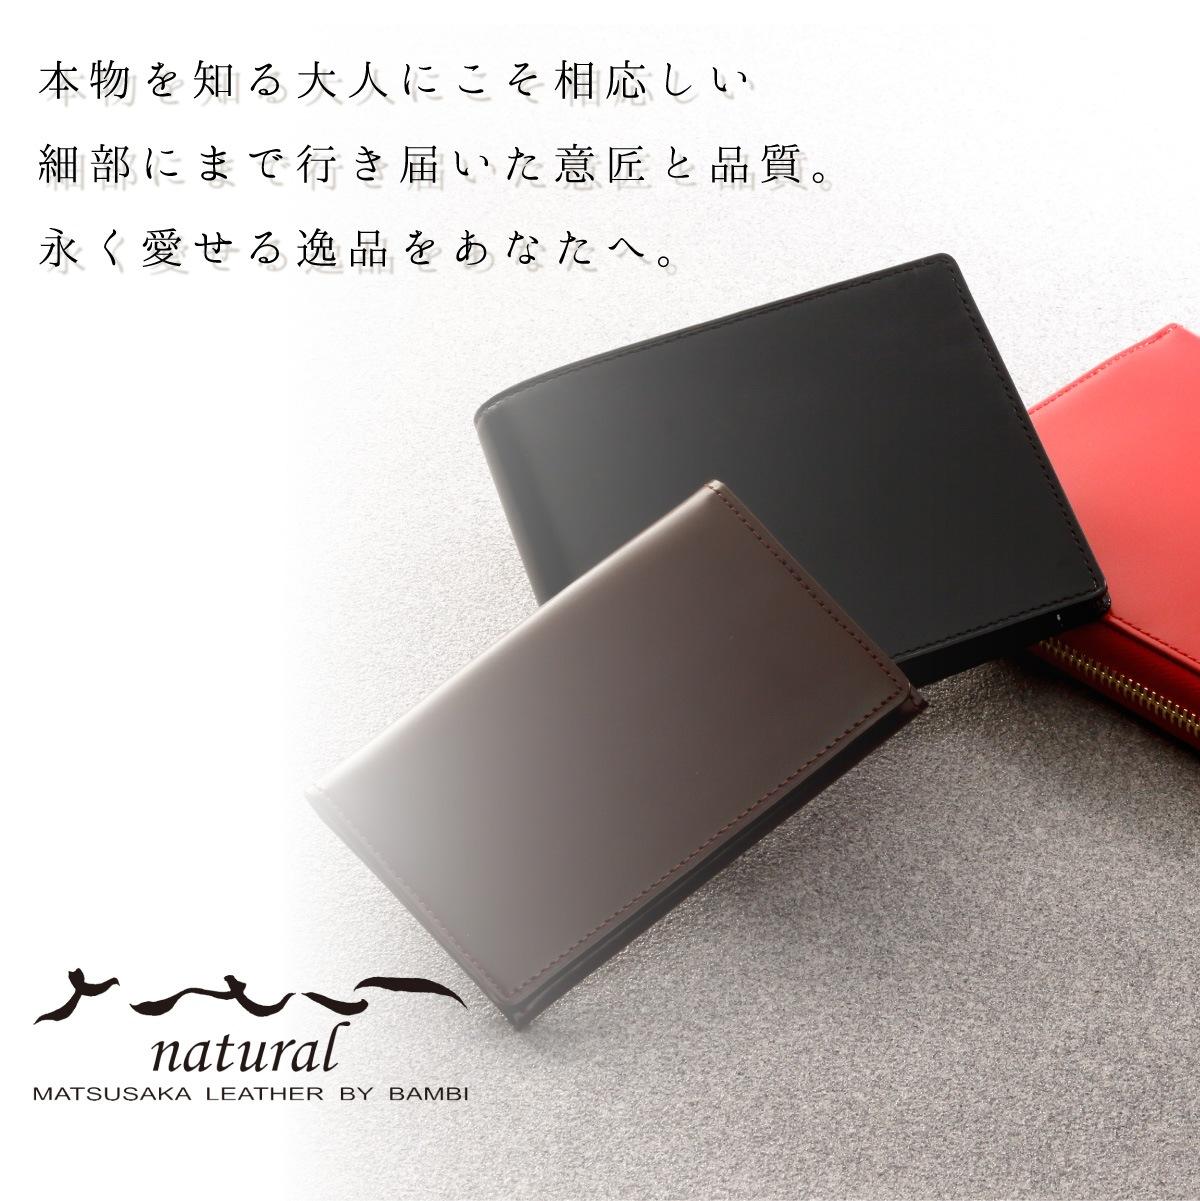 松阪レザーのプレミアム財布 さとりナチュラル ラウンドファスナー長財布 【カラー:豊土】